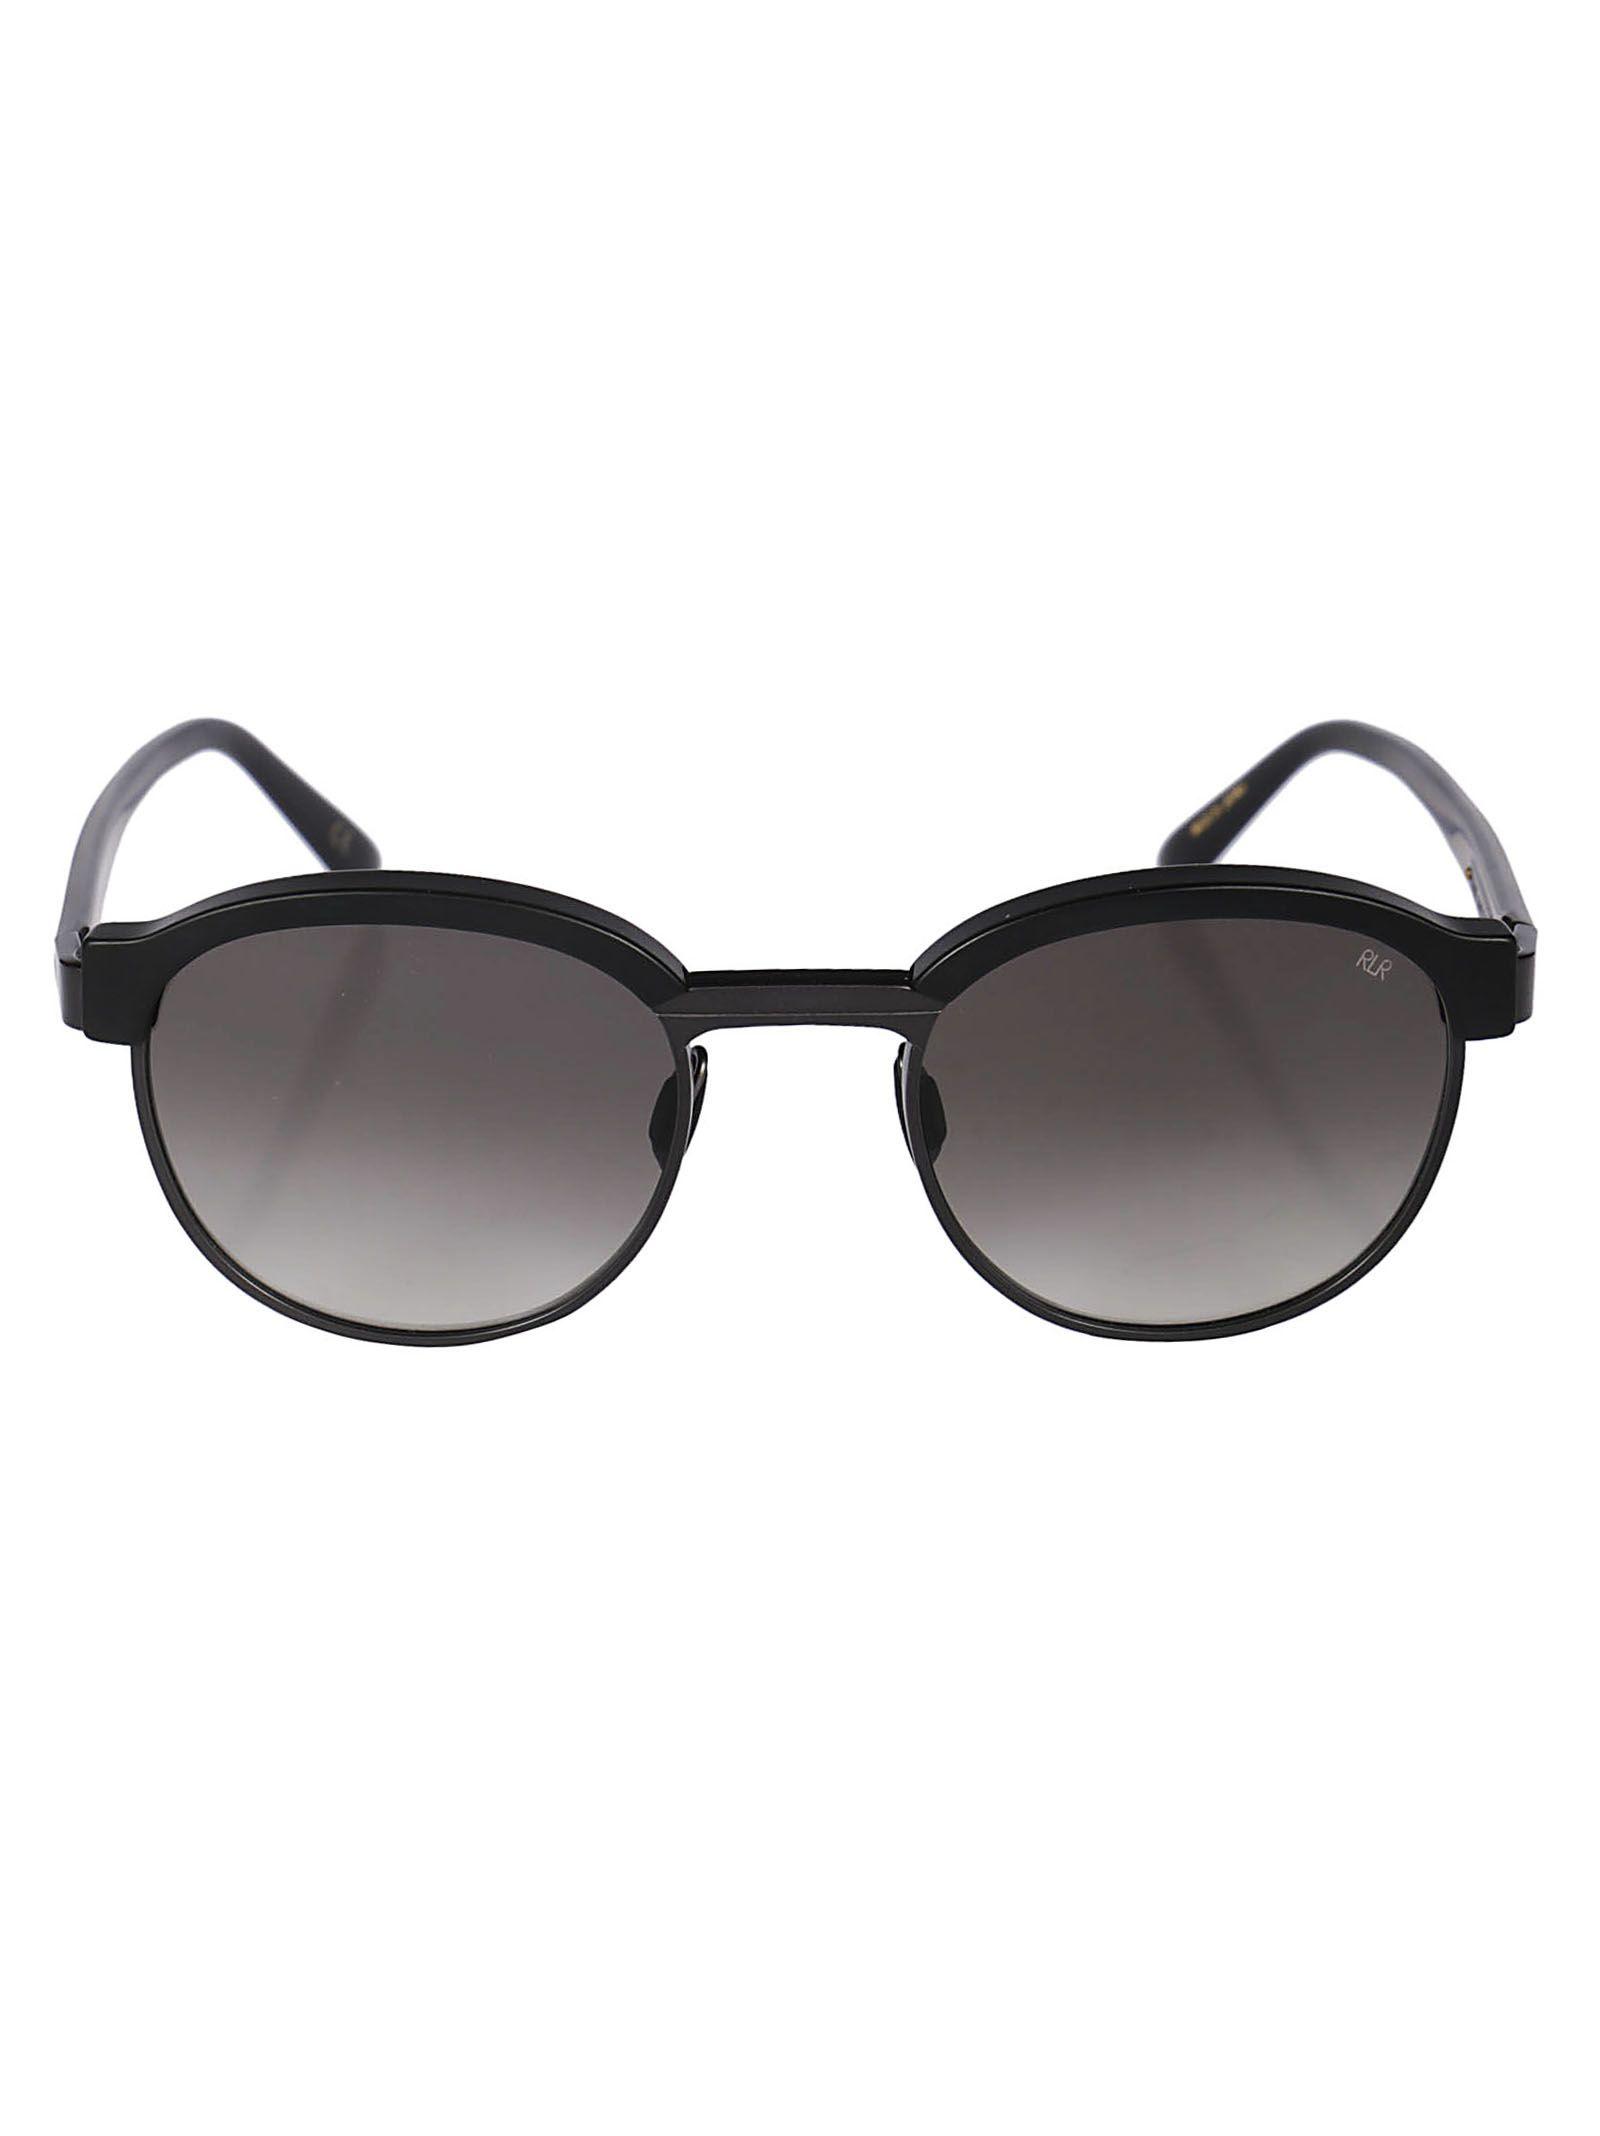 ROBERT LA ROCHE Robert Laroche Baldric Sunglasses in Black